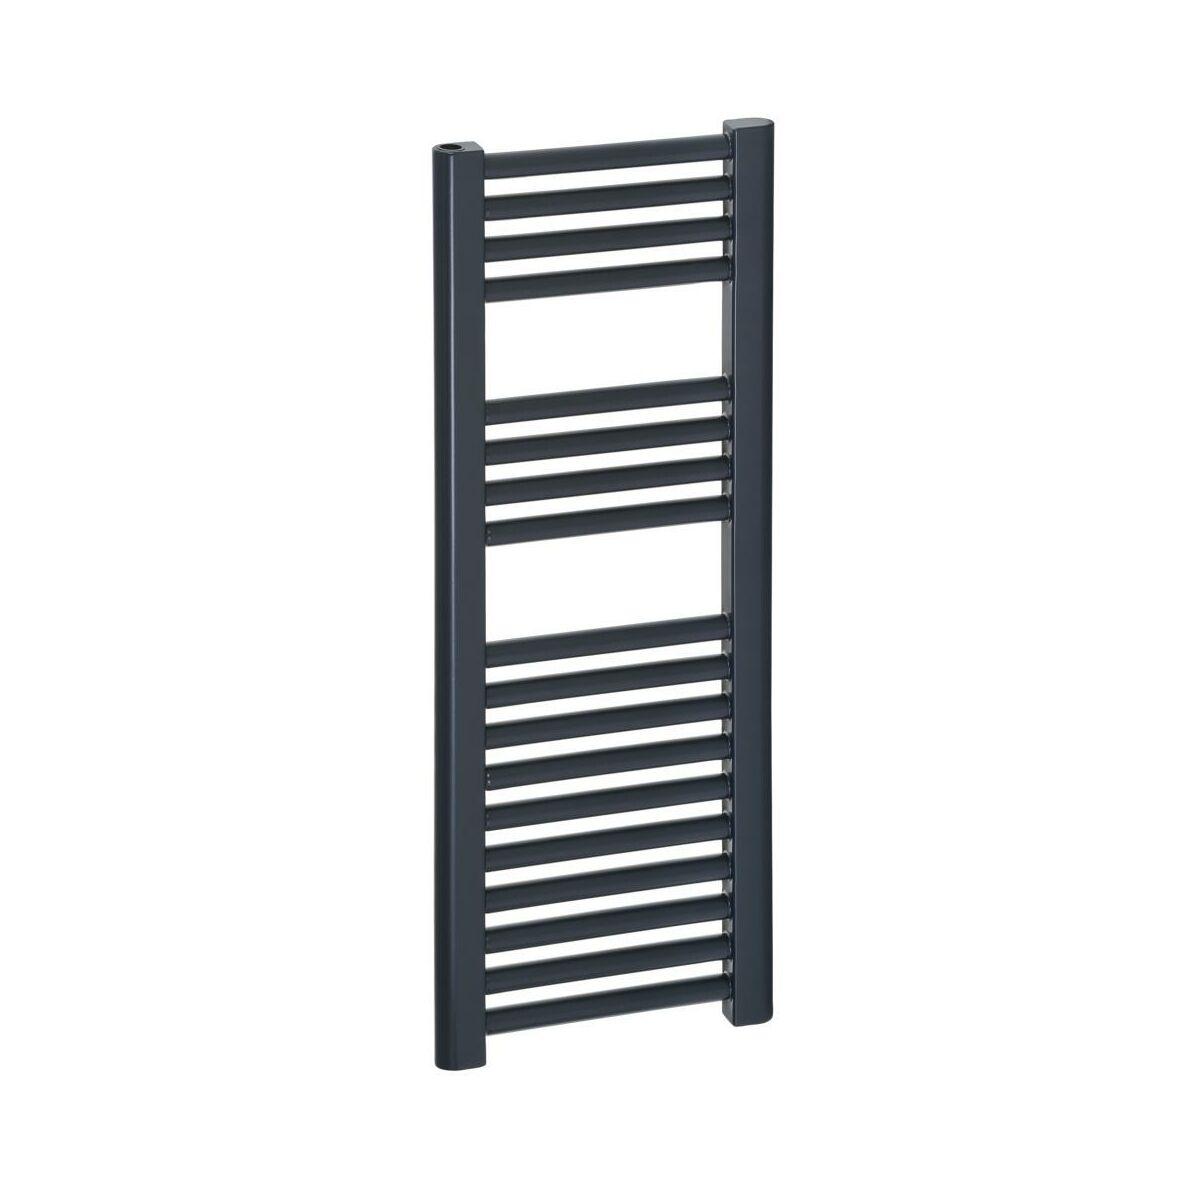 grzejnik azienkowy luna 30 83 luxrad grzejniki. Black Bedroom Furniture Sets. Home Design Ideas